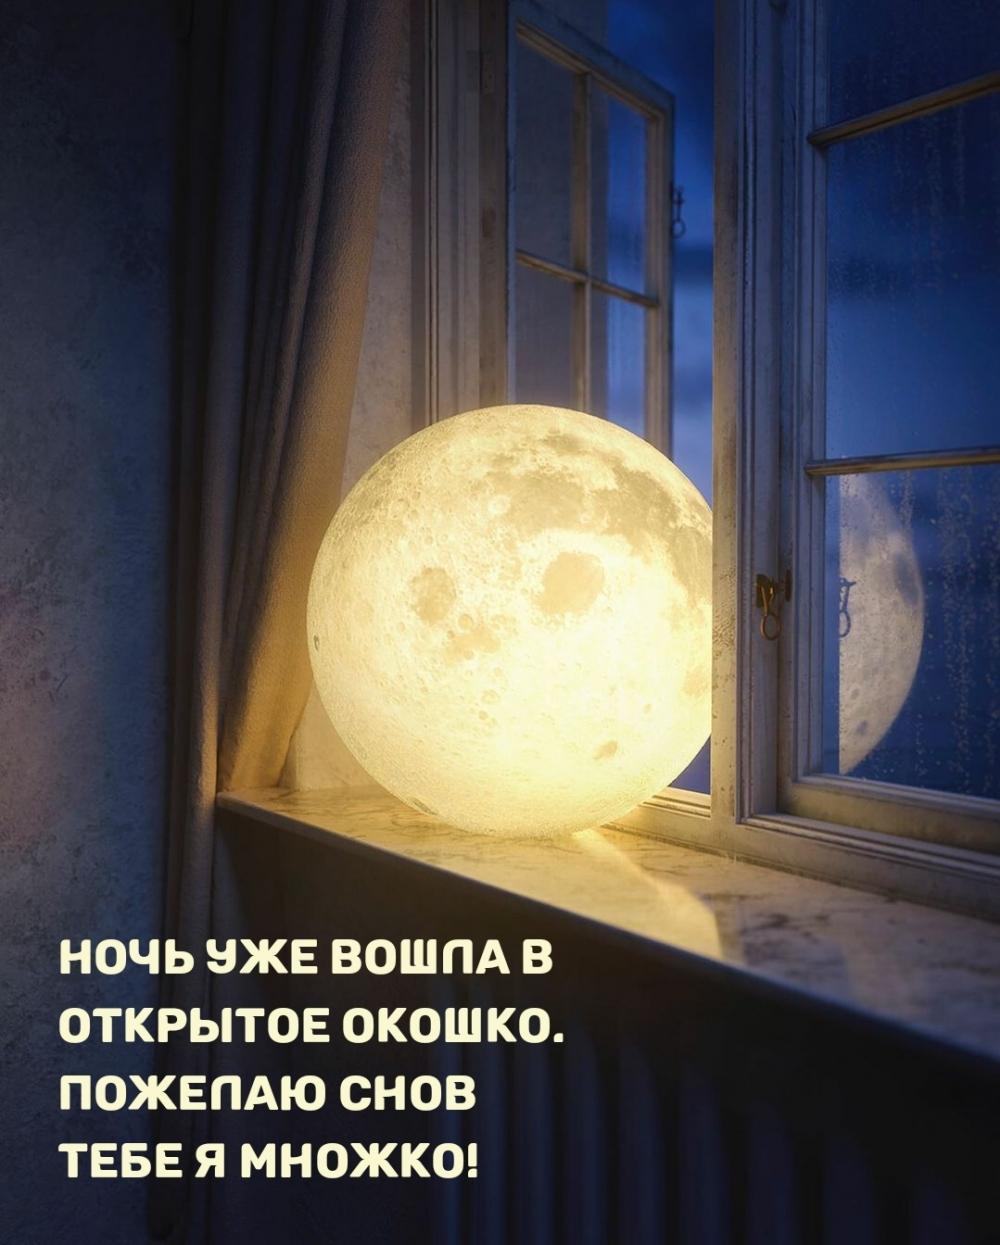 Ночь уже вошла в открытое окошко. Пожелаю снов тебе я множко!